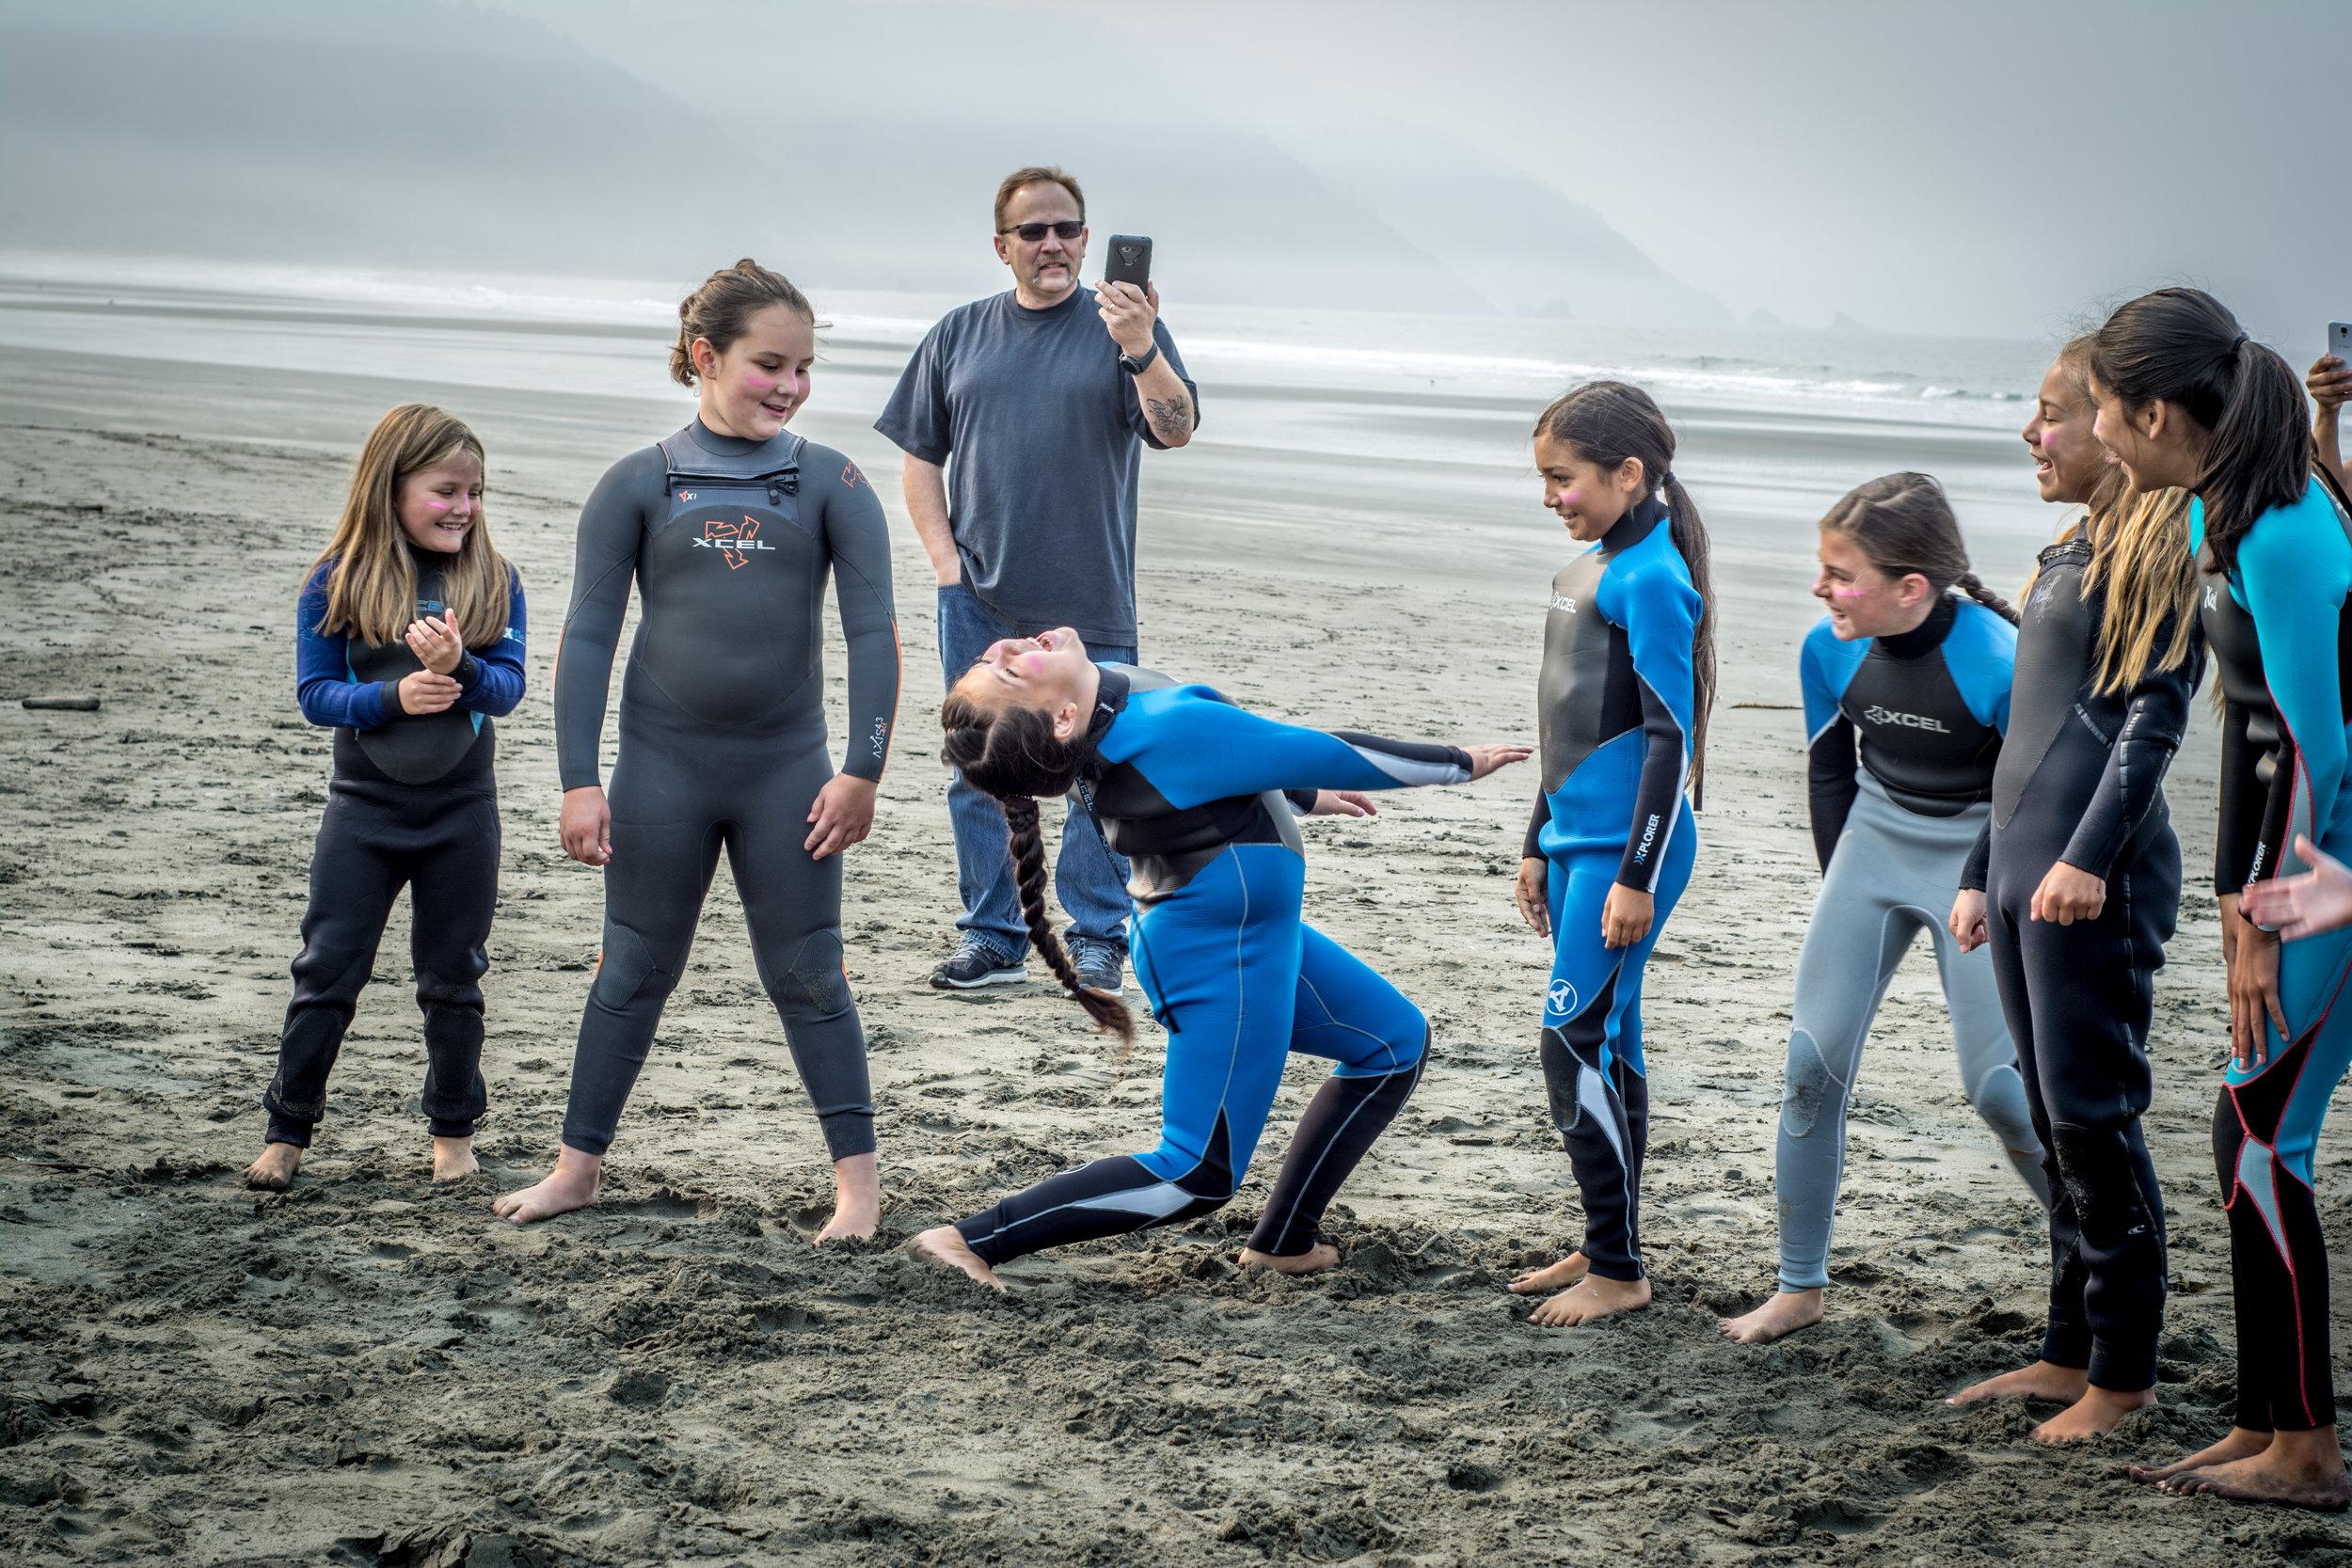 Surfer Girl Moves